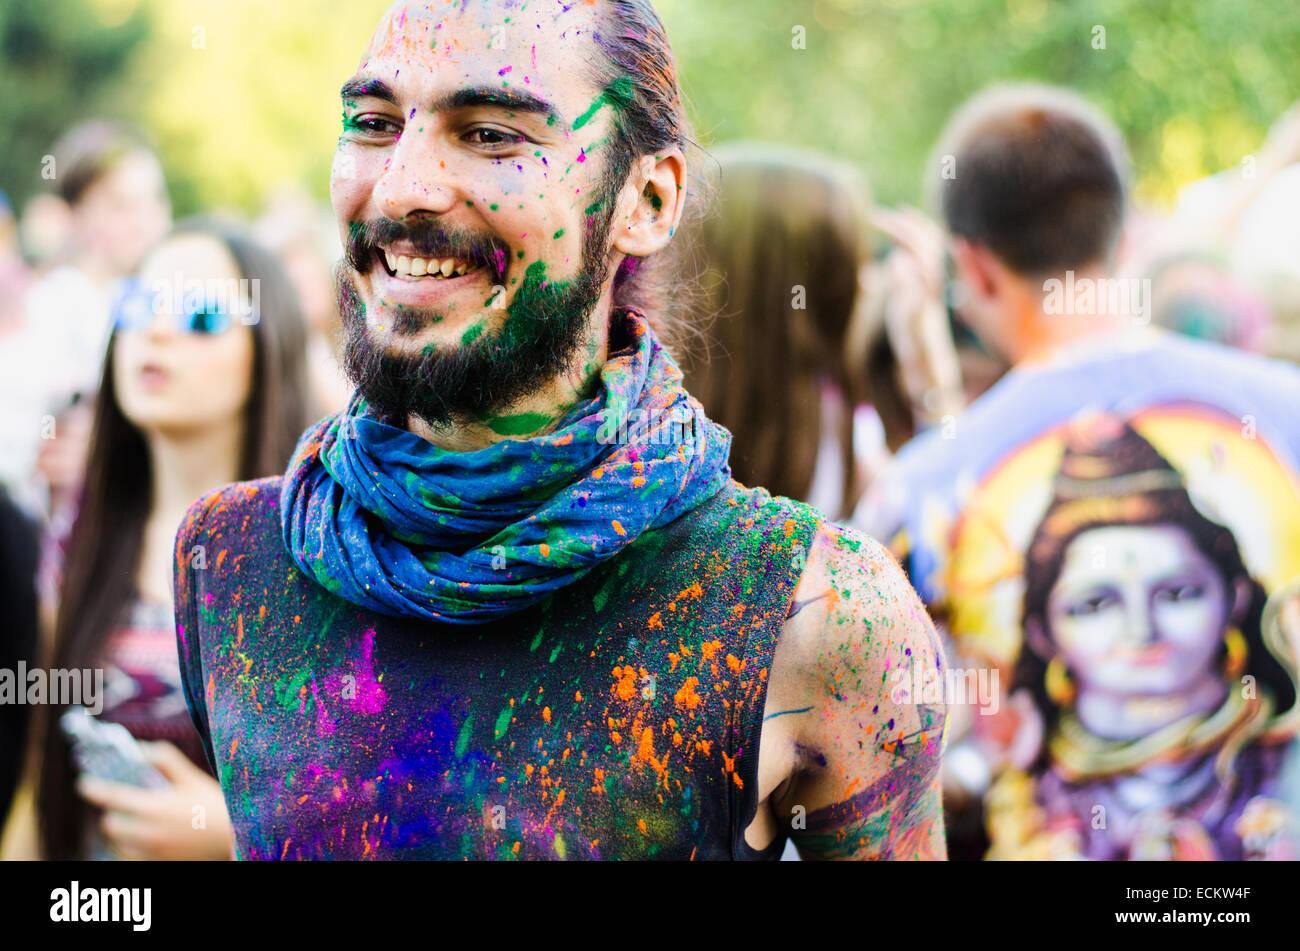 Ein Kerl am Freaky Party Sommerfest, Minsk, Belarus, Sommer 2014 Stockbild